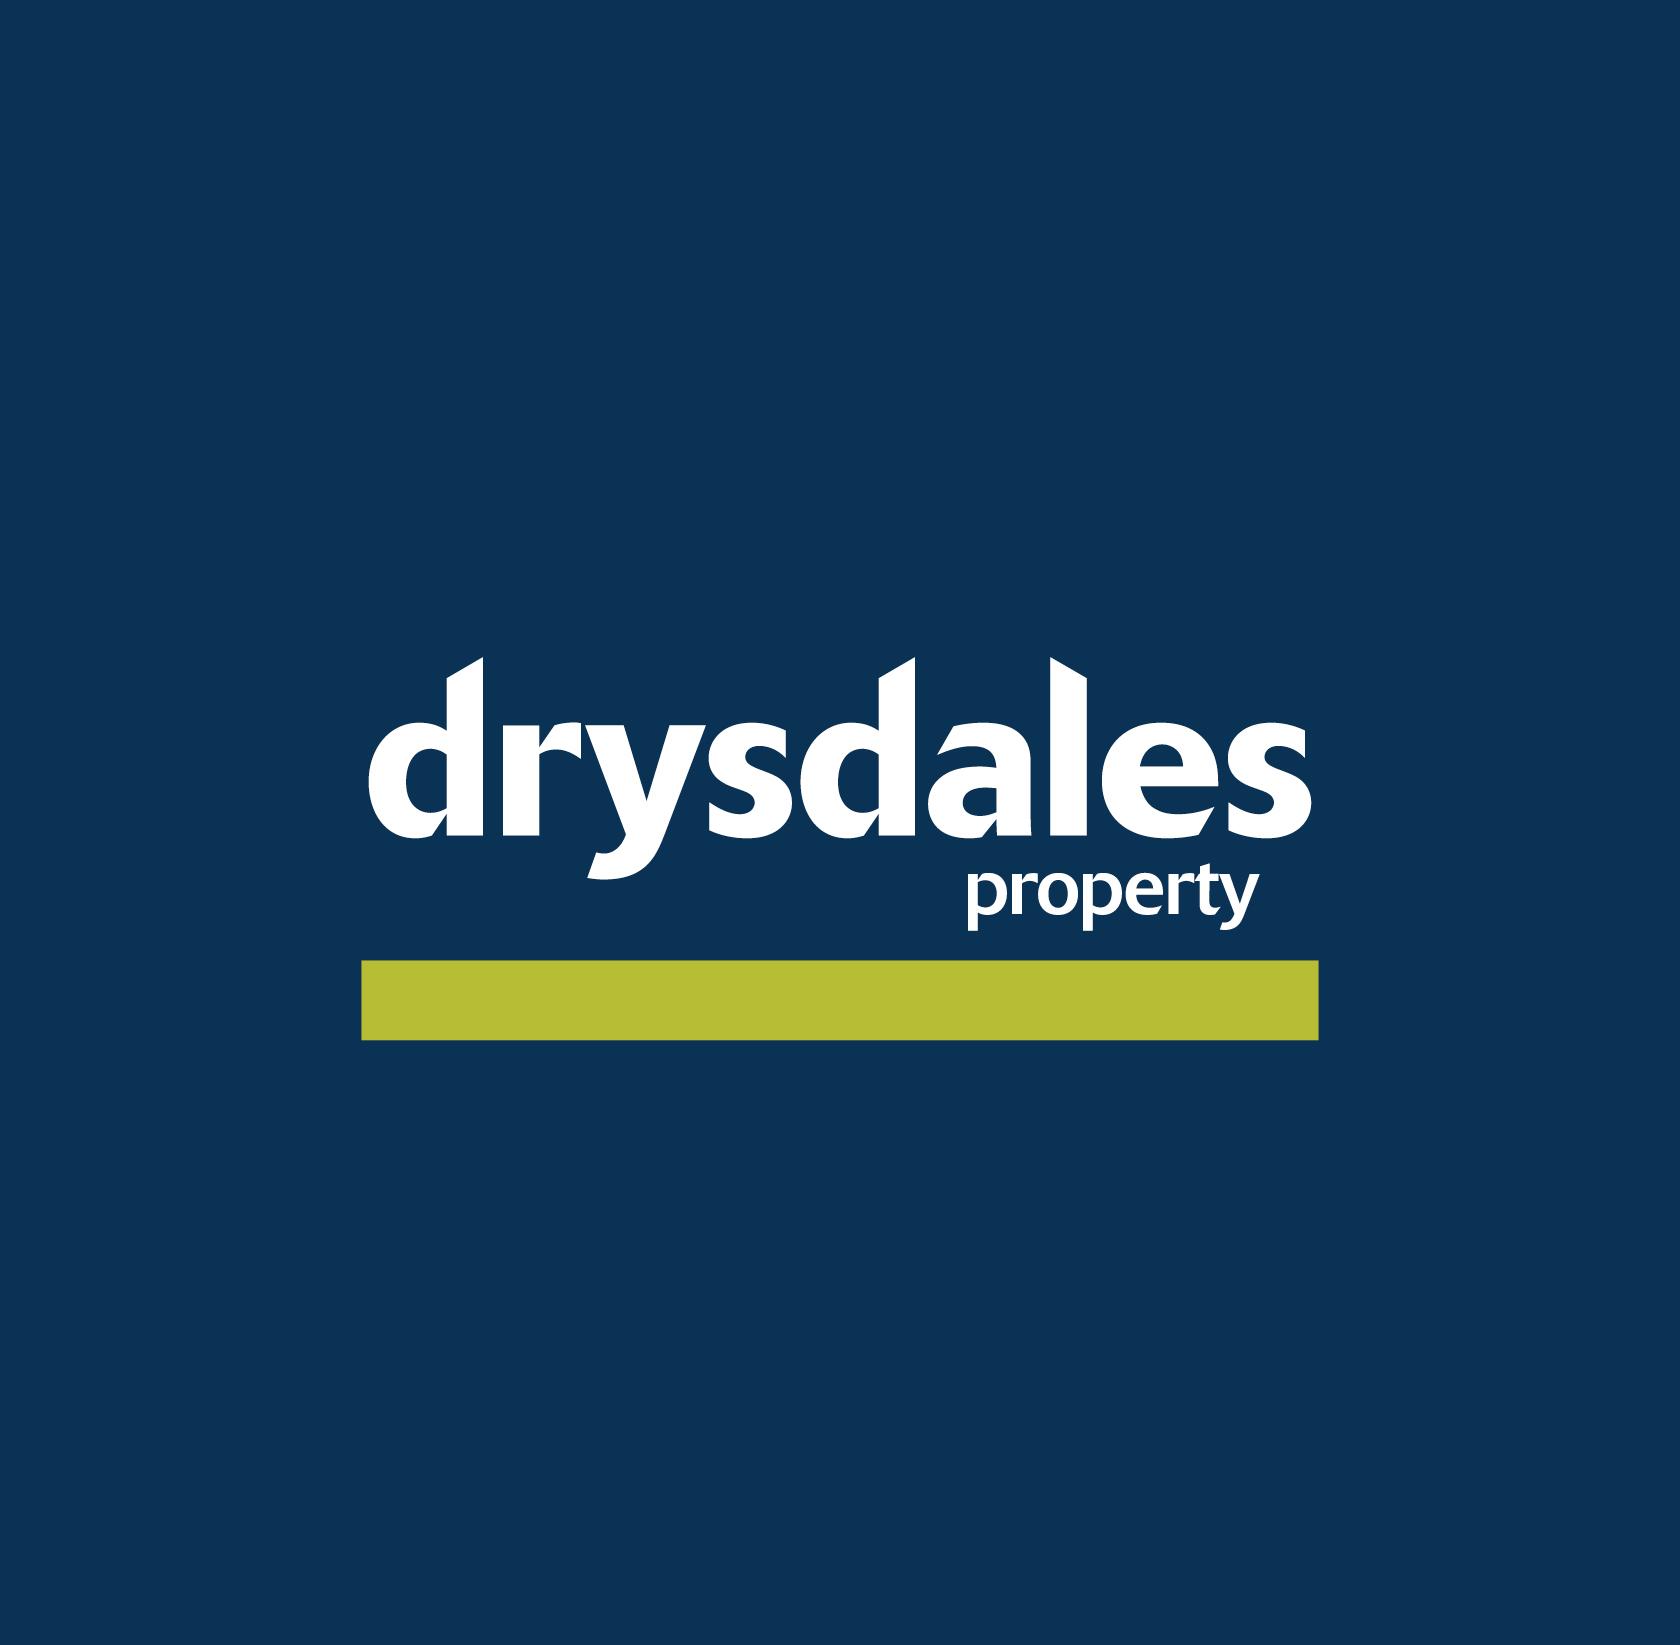 Portfolio 9_Drysdales Logo_V1